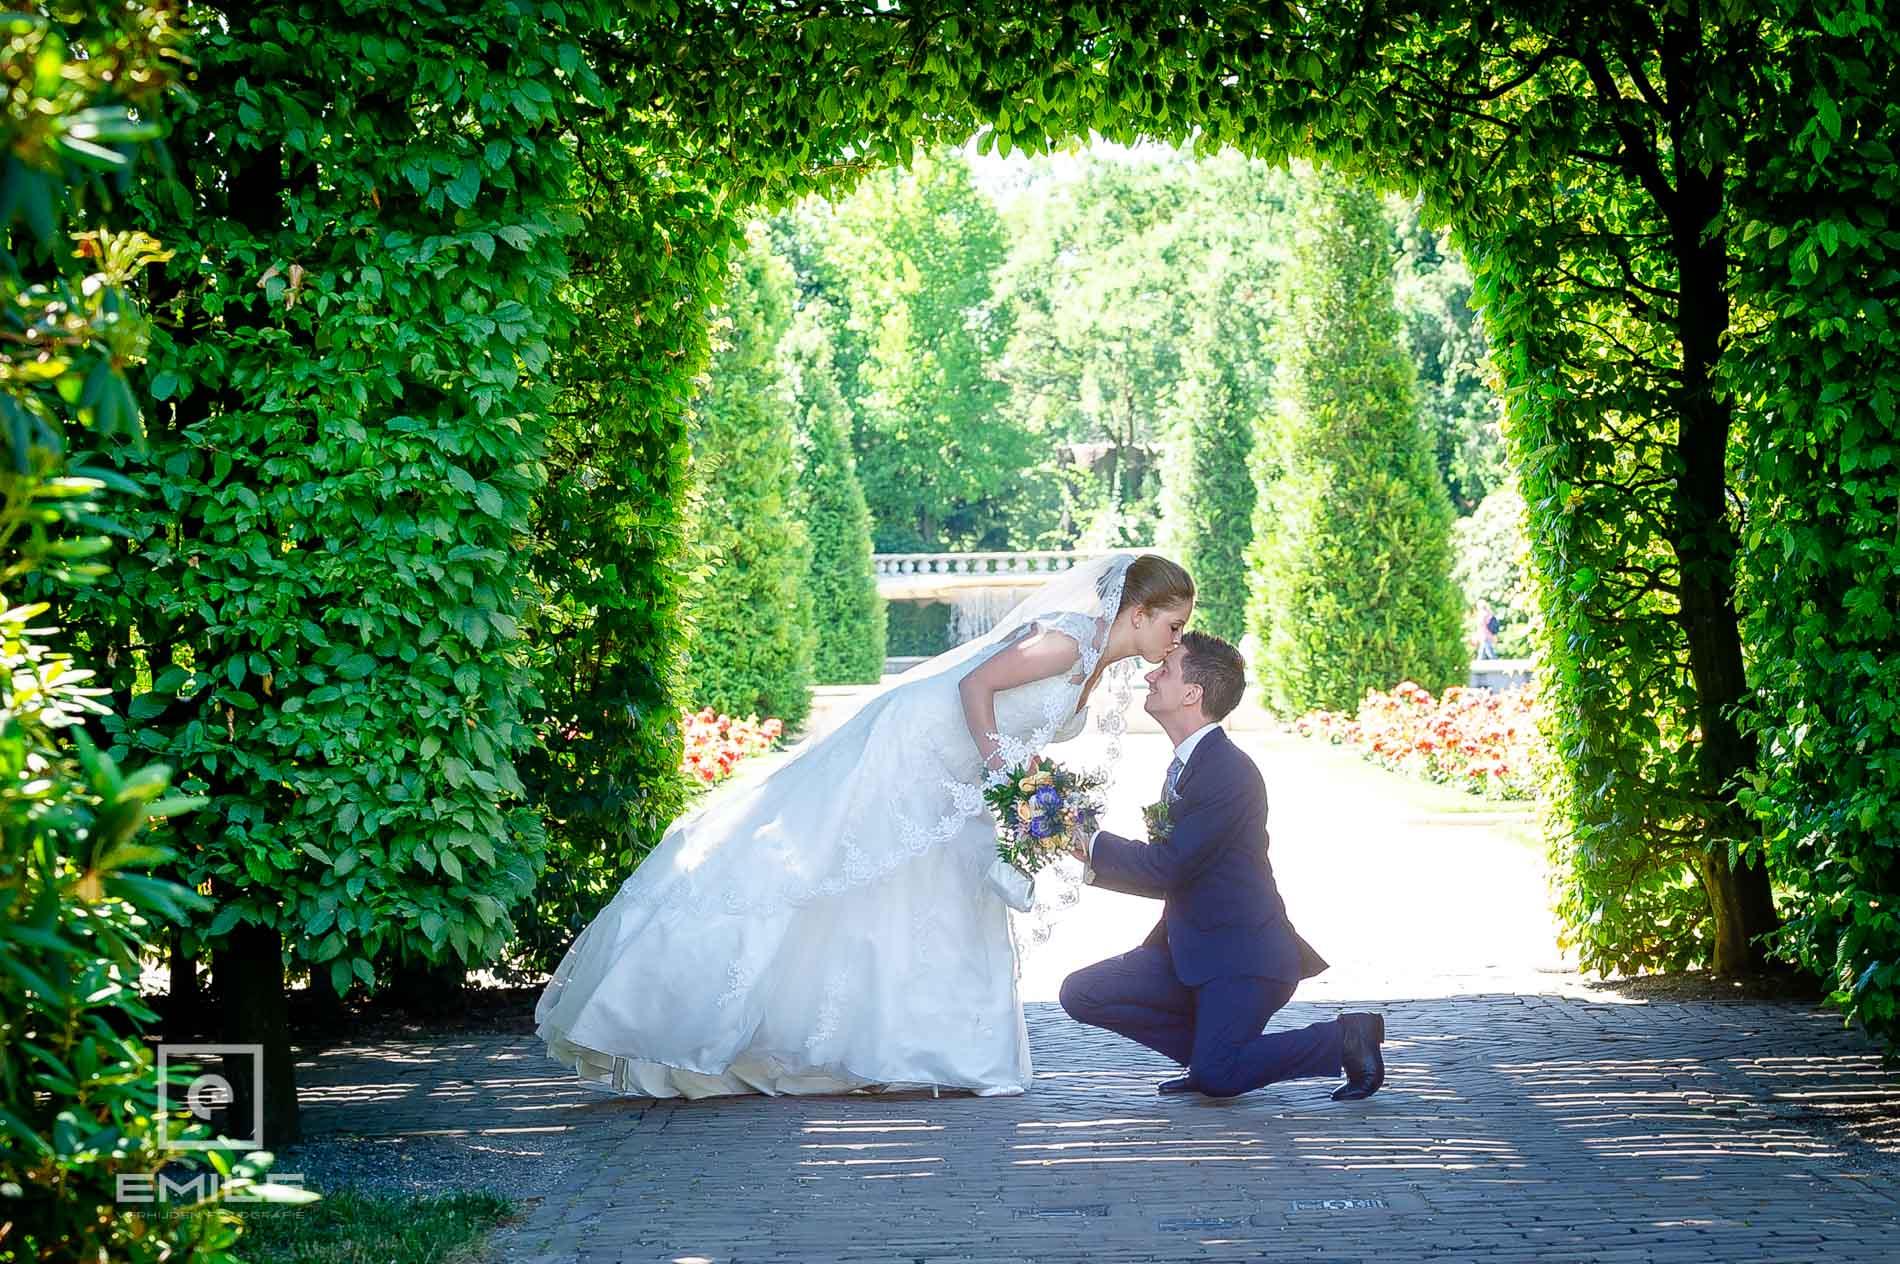 Bruidsfotograaf met bruidspaar in  Kasteeltuinen Arcen. Bruidspaar geeft elkaar een kus